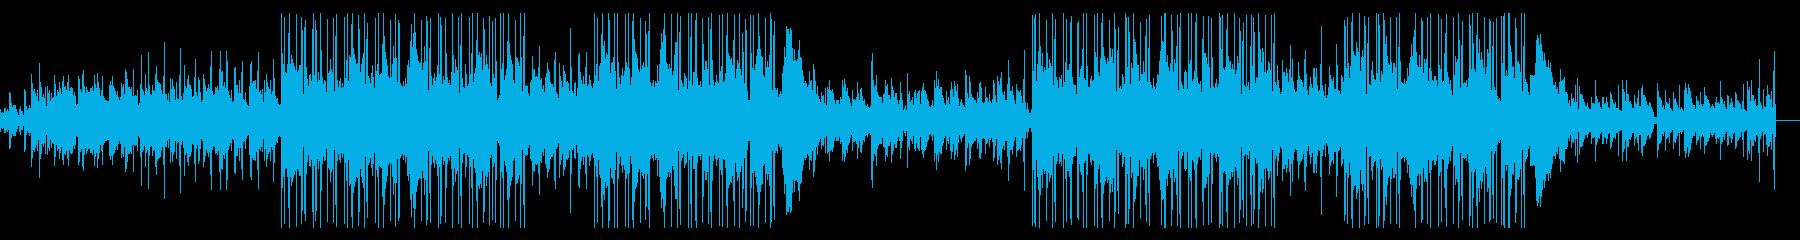 企業VP いやし・チル 53の再生済みの波形